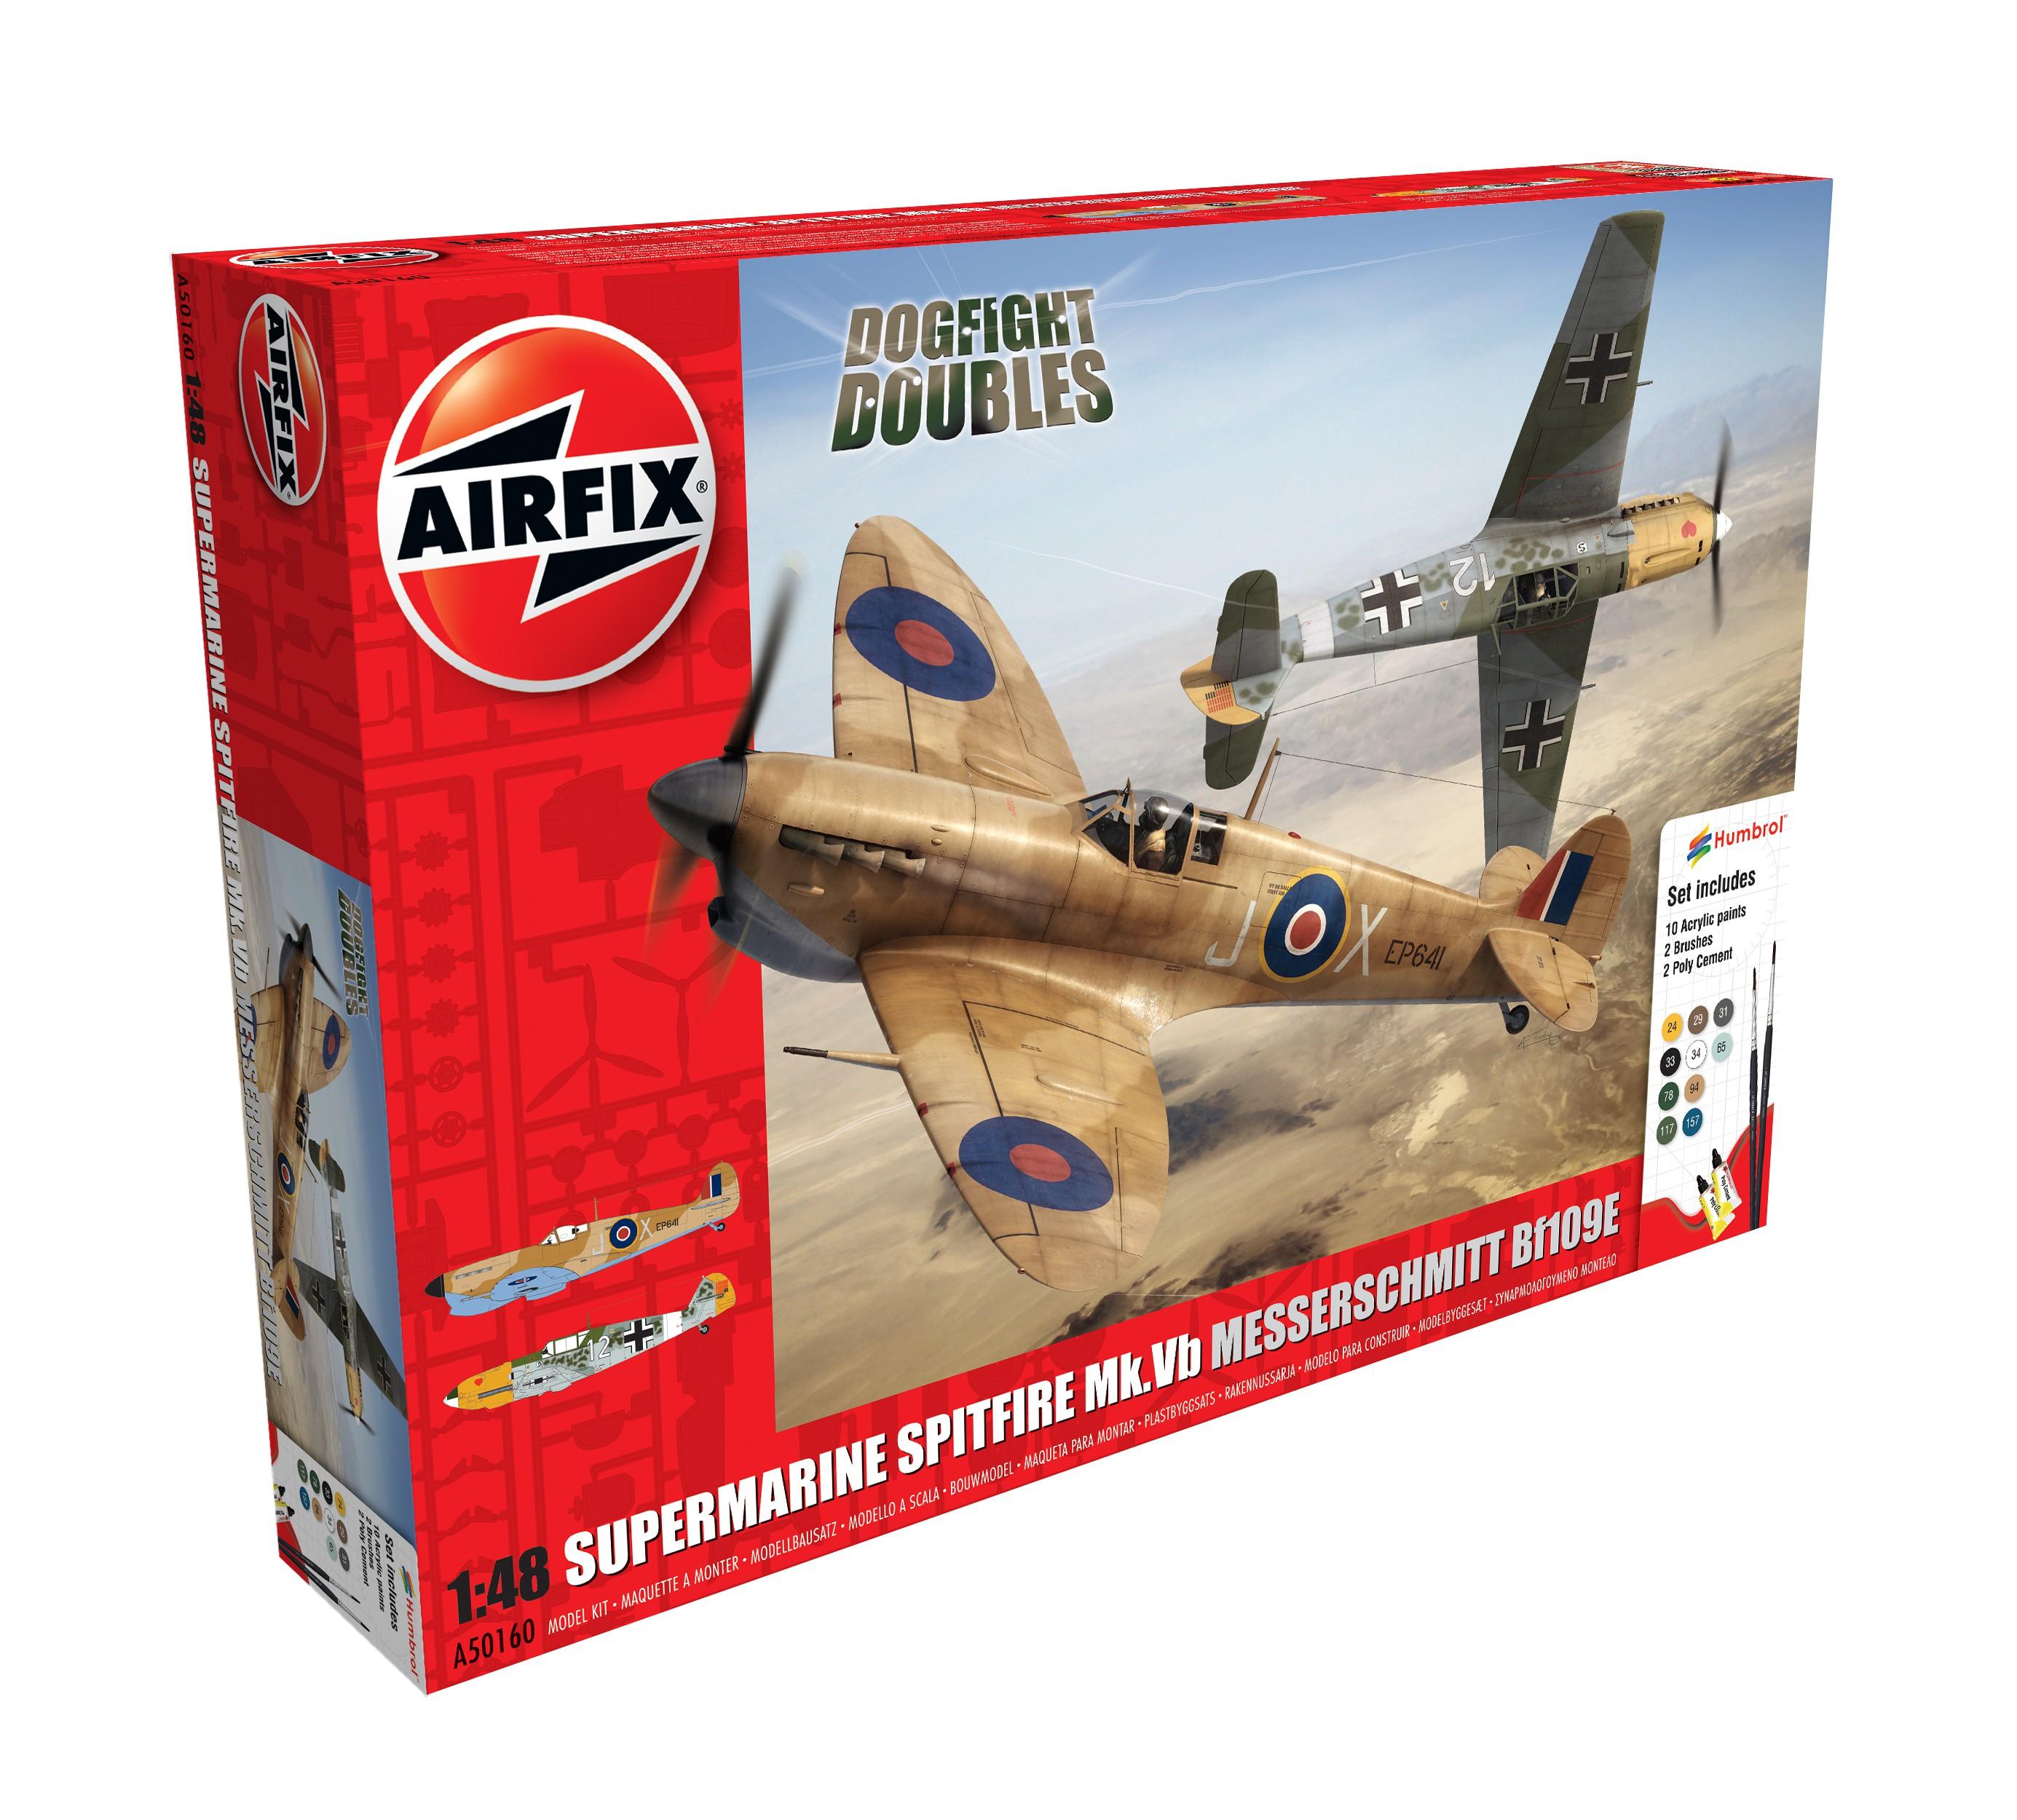 Airfix Doubles Coffret Cadeau Supermarine Spitfire MkVb Messerschmitt Bf109E Hund